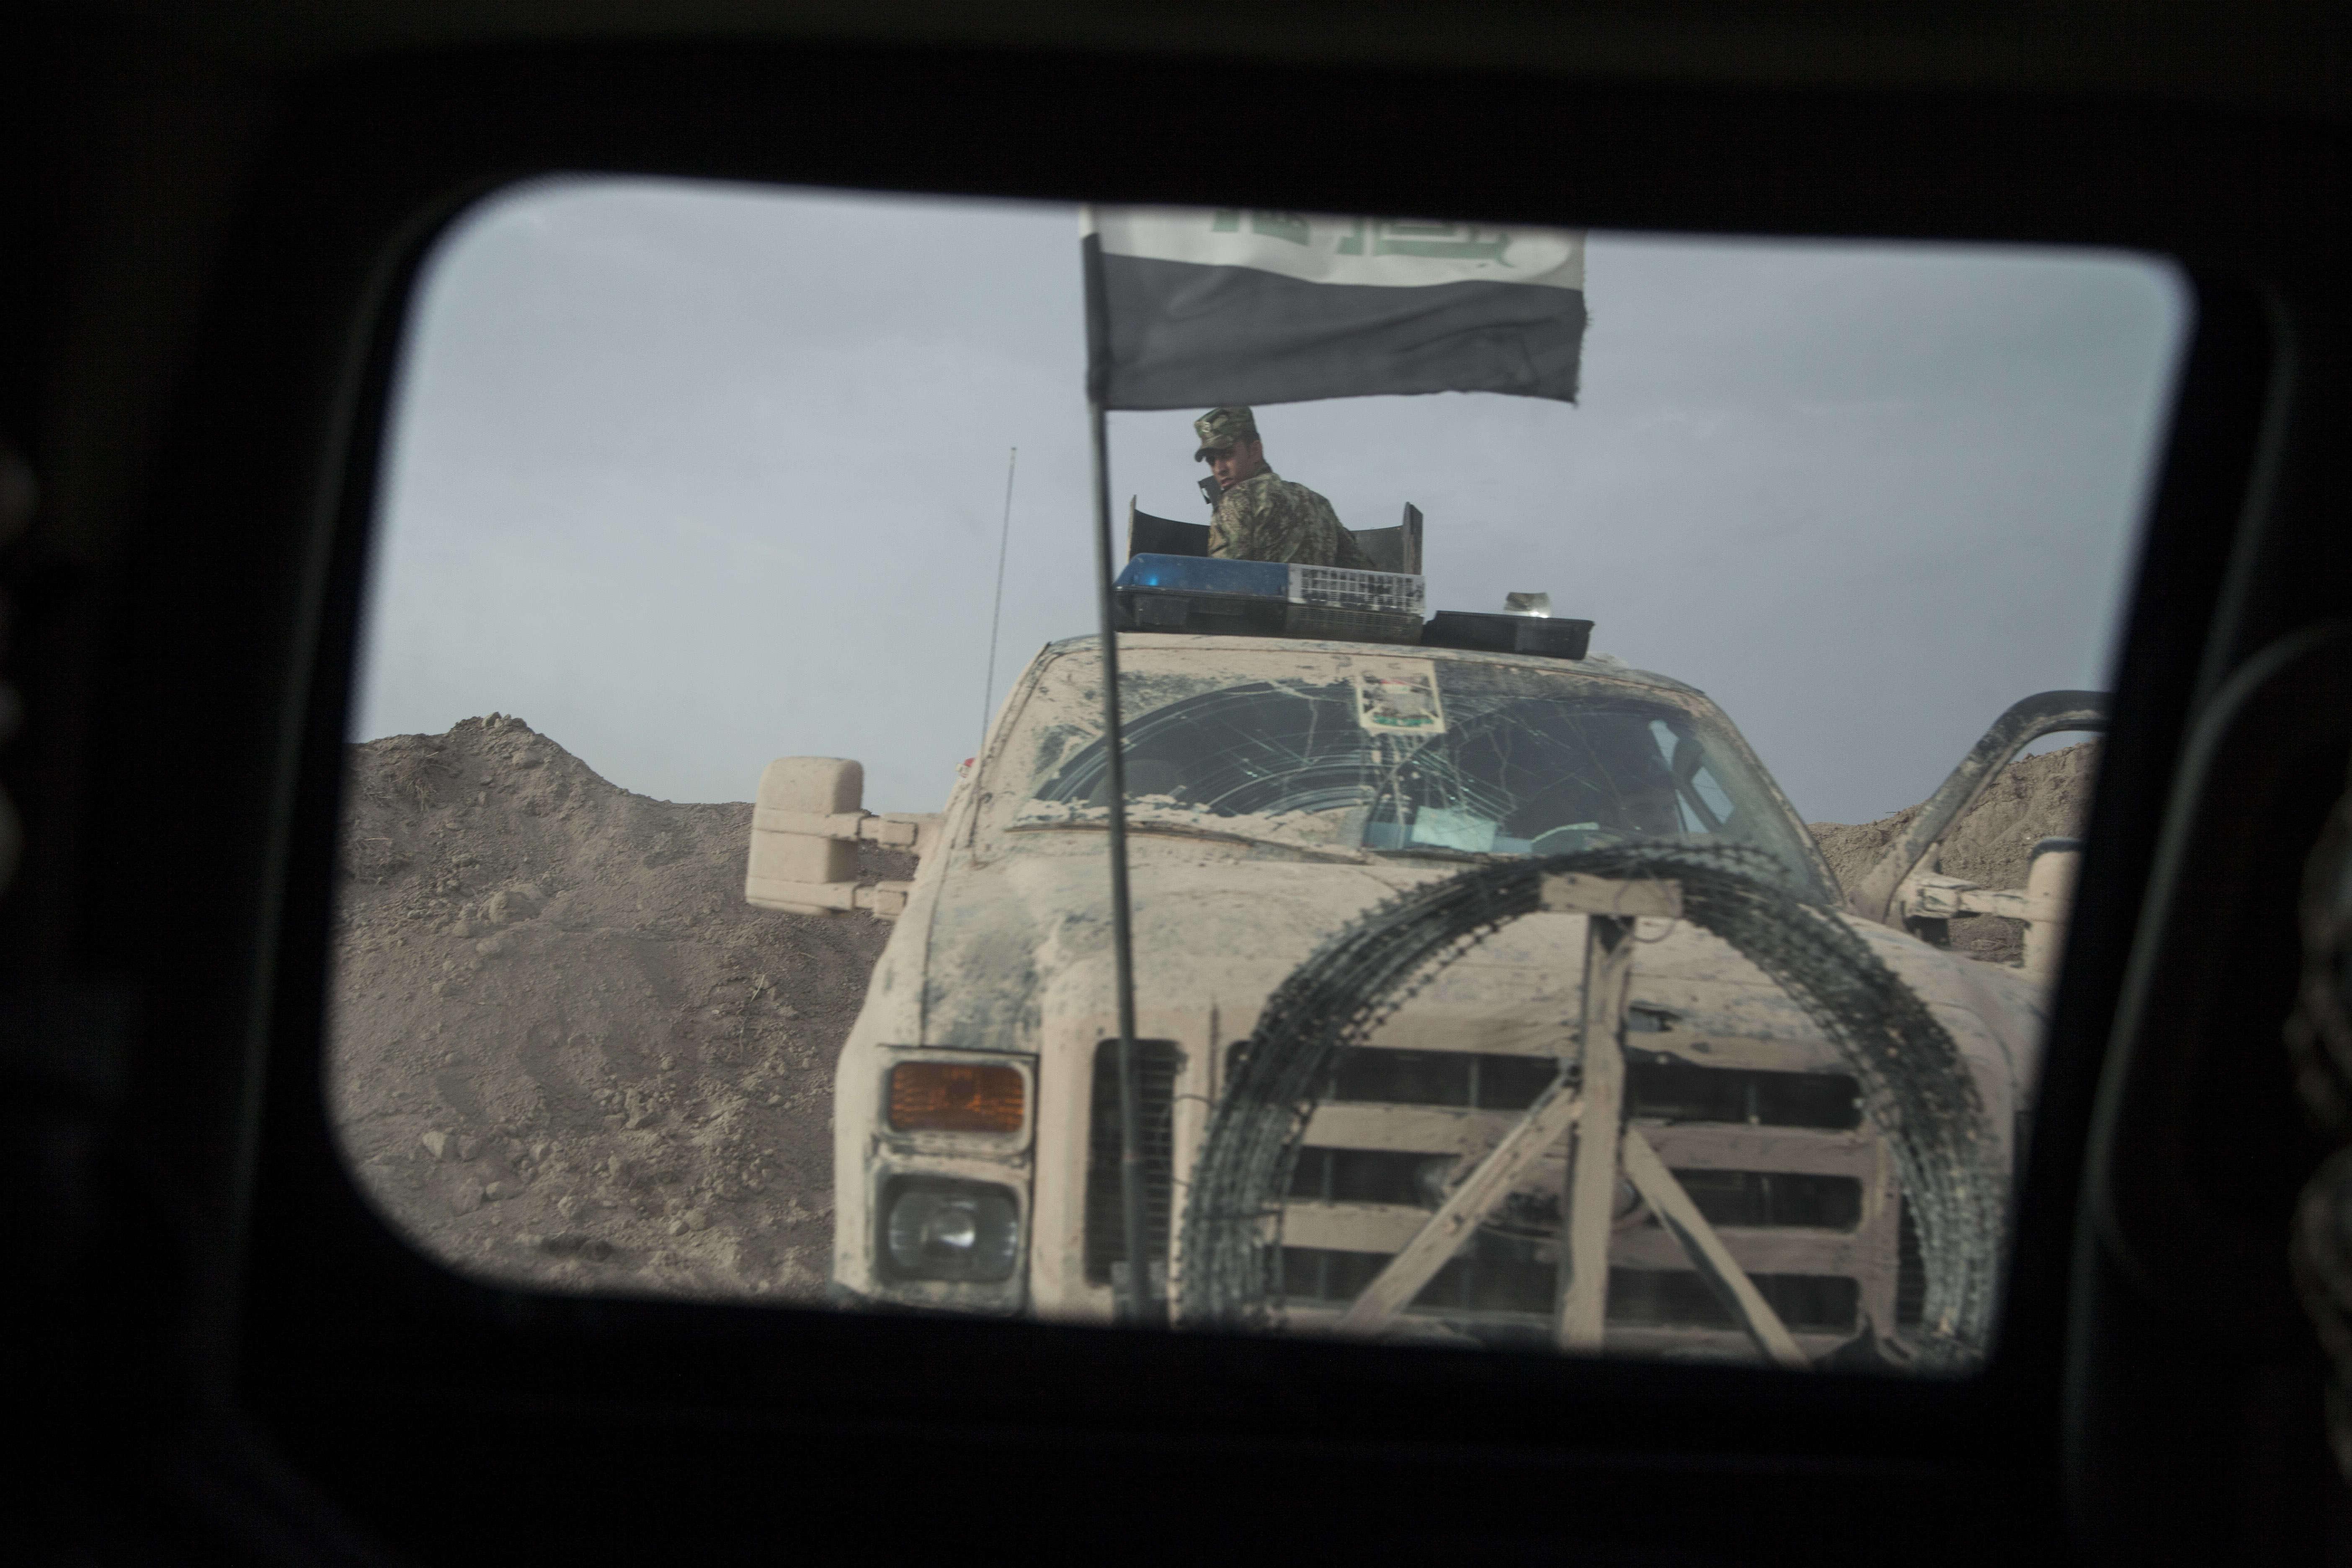 Pendant deux ans et demi, pour défendre leur ville,2 000 combattants sunnites ont résisté aux assauts de l'organisation Etat islamique (EI). Al-Amiriyah Fallouja compte 30 000 habitants.